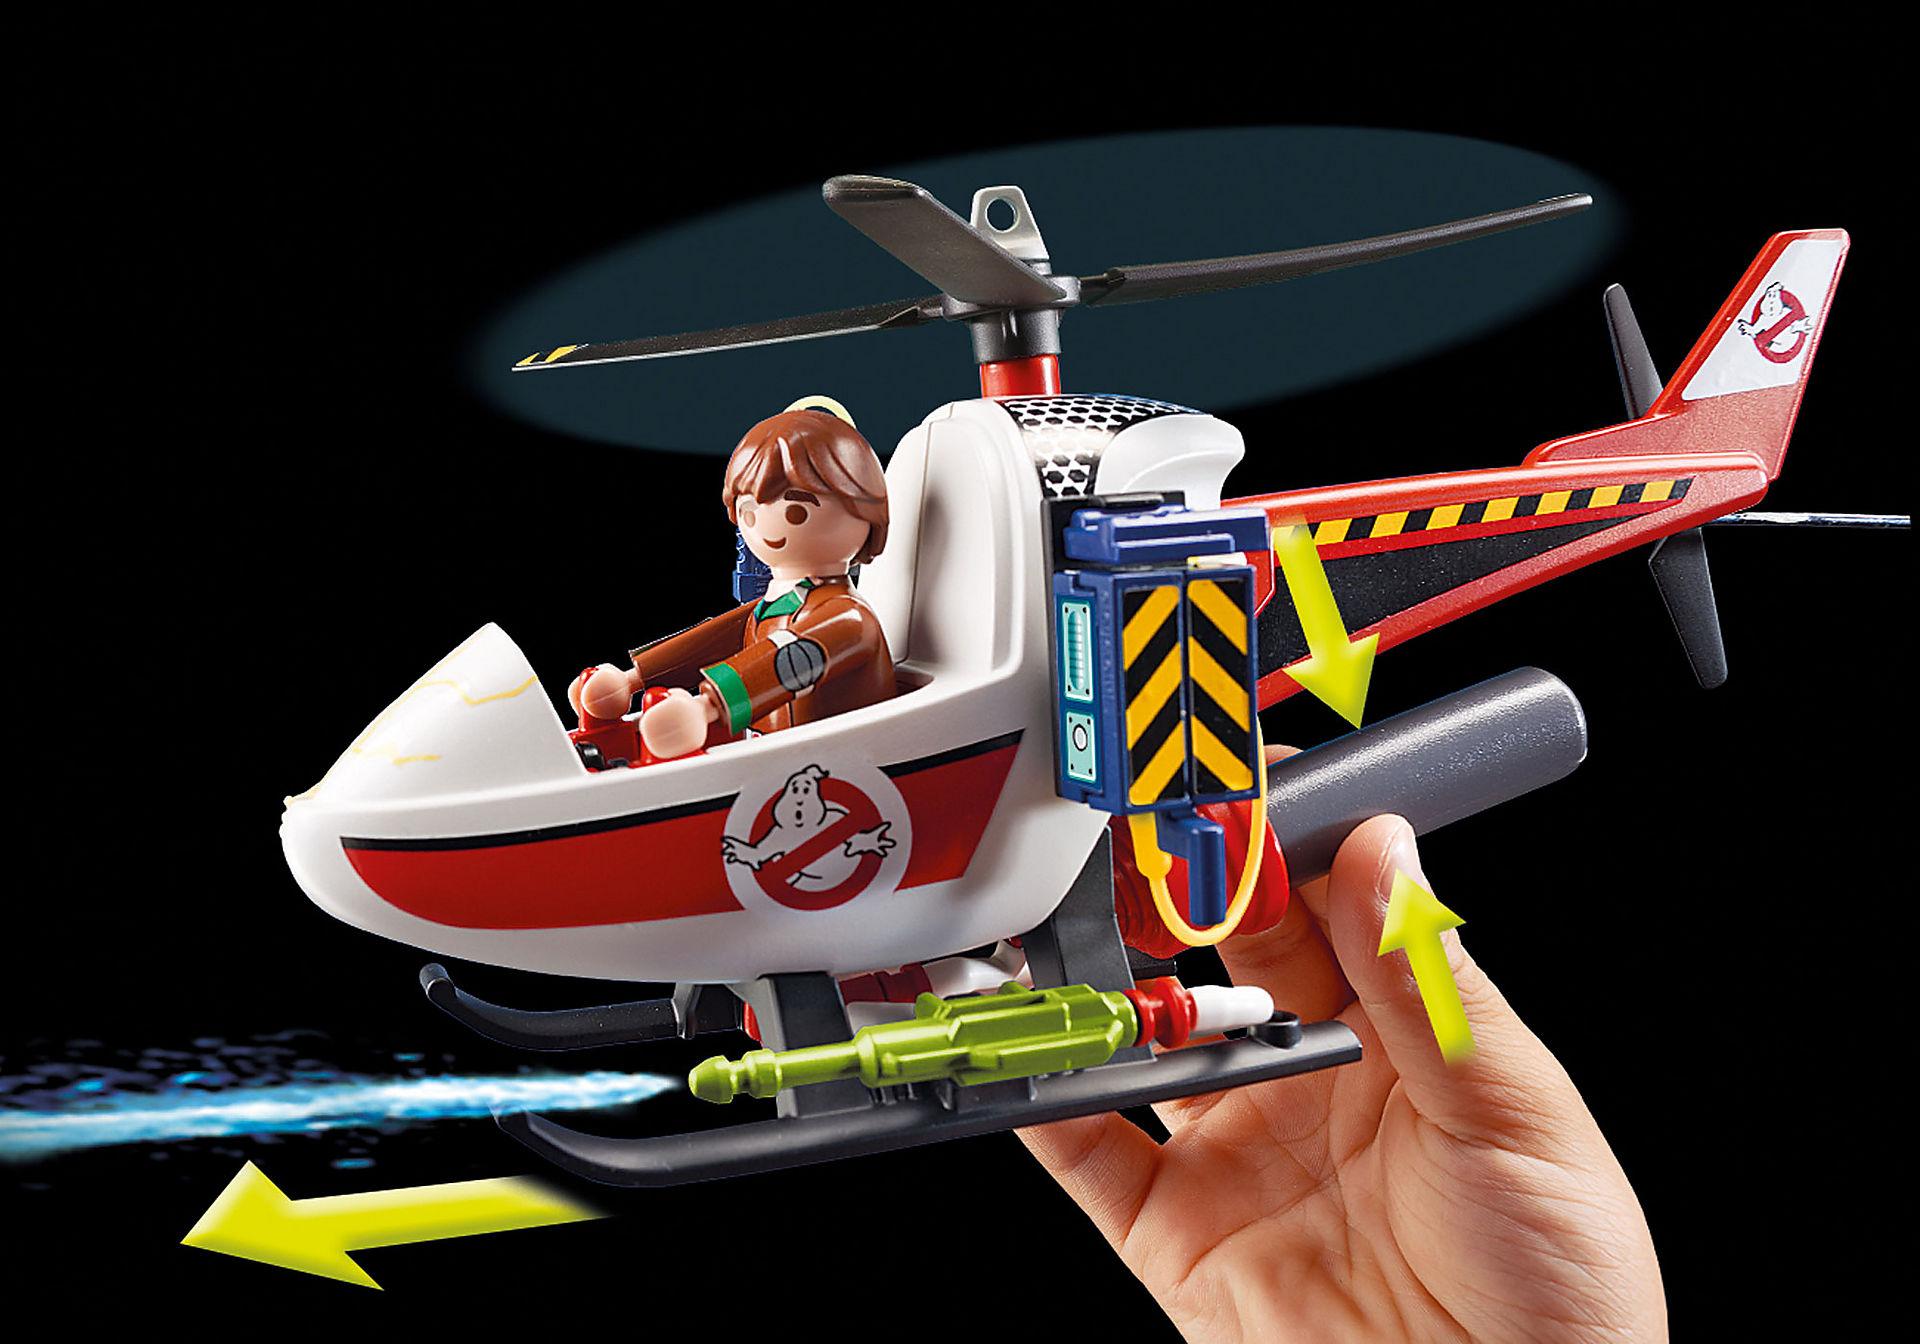 http://media.playmobil.com/i/playmobil/9385_product_extra1/Venkman com Helicóptero